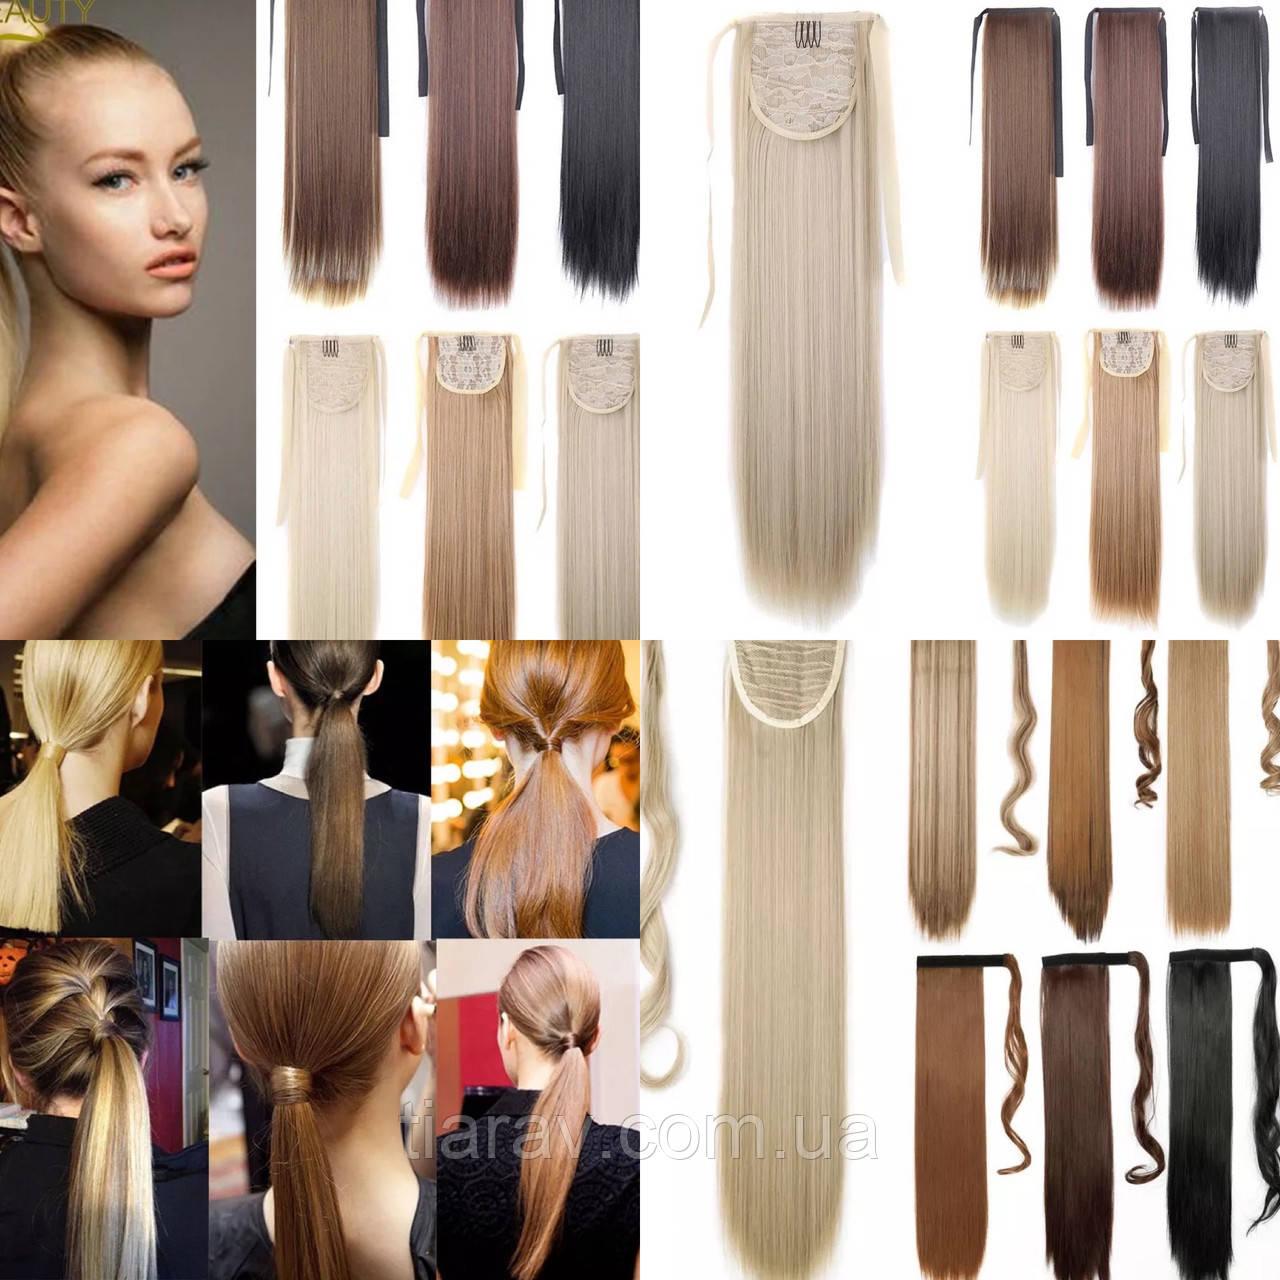 Шиньйон, хвіст на стрічці, 60 см, волосся накладні, штучні, штучне Волосся, волосся накладні